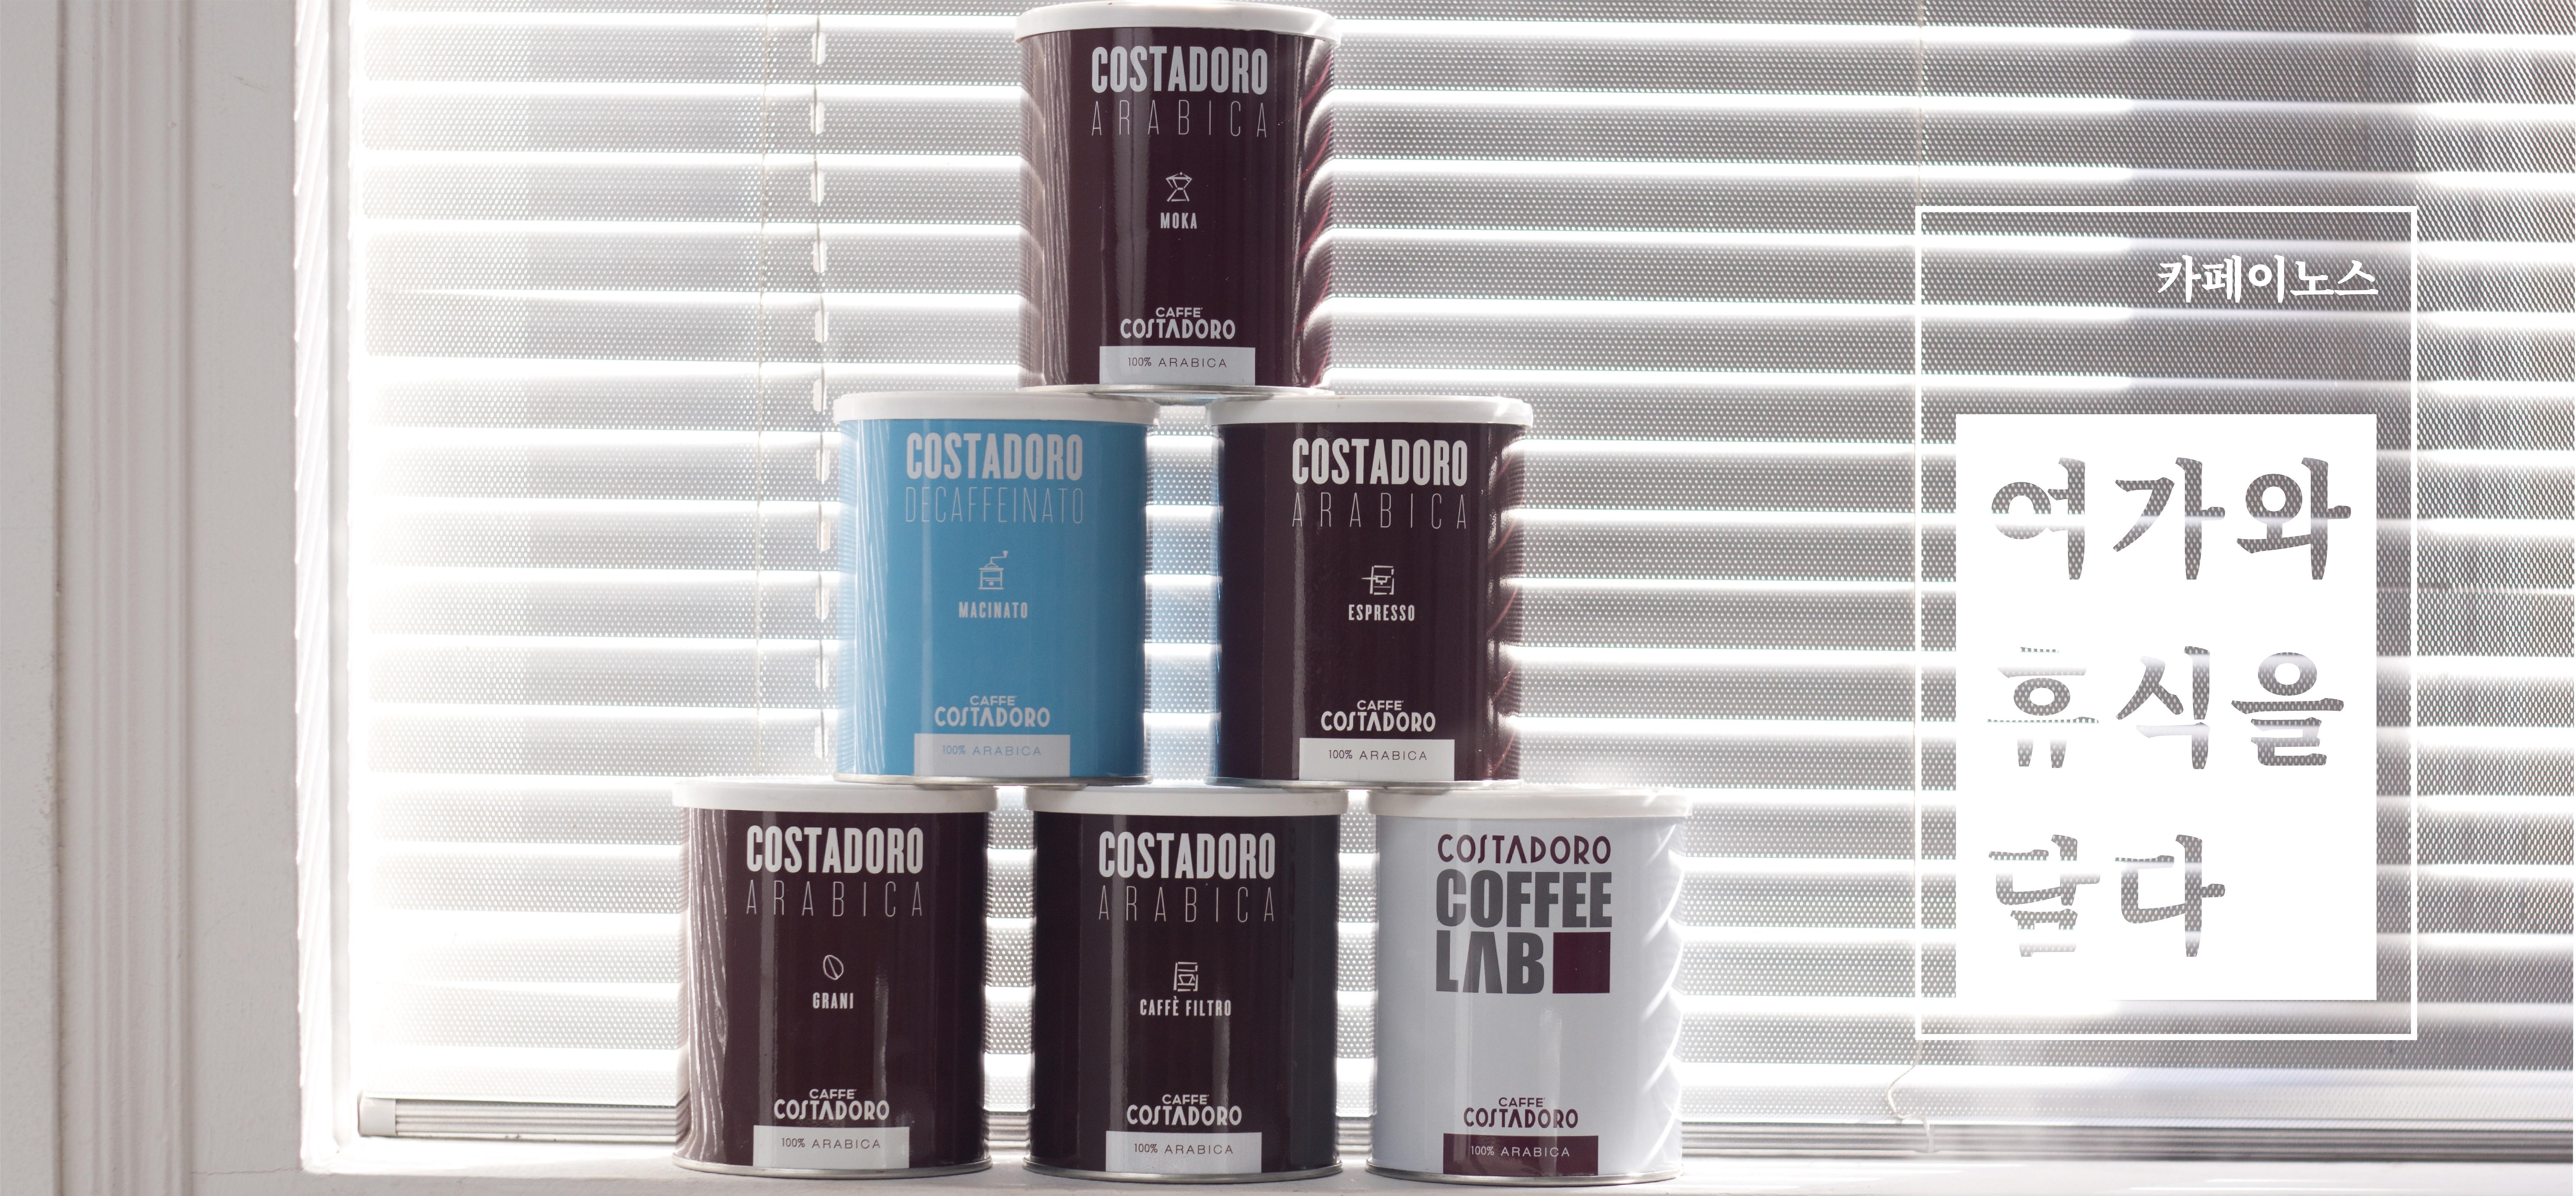 Costadoro Coffee